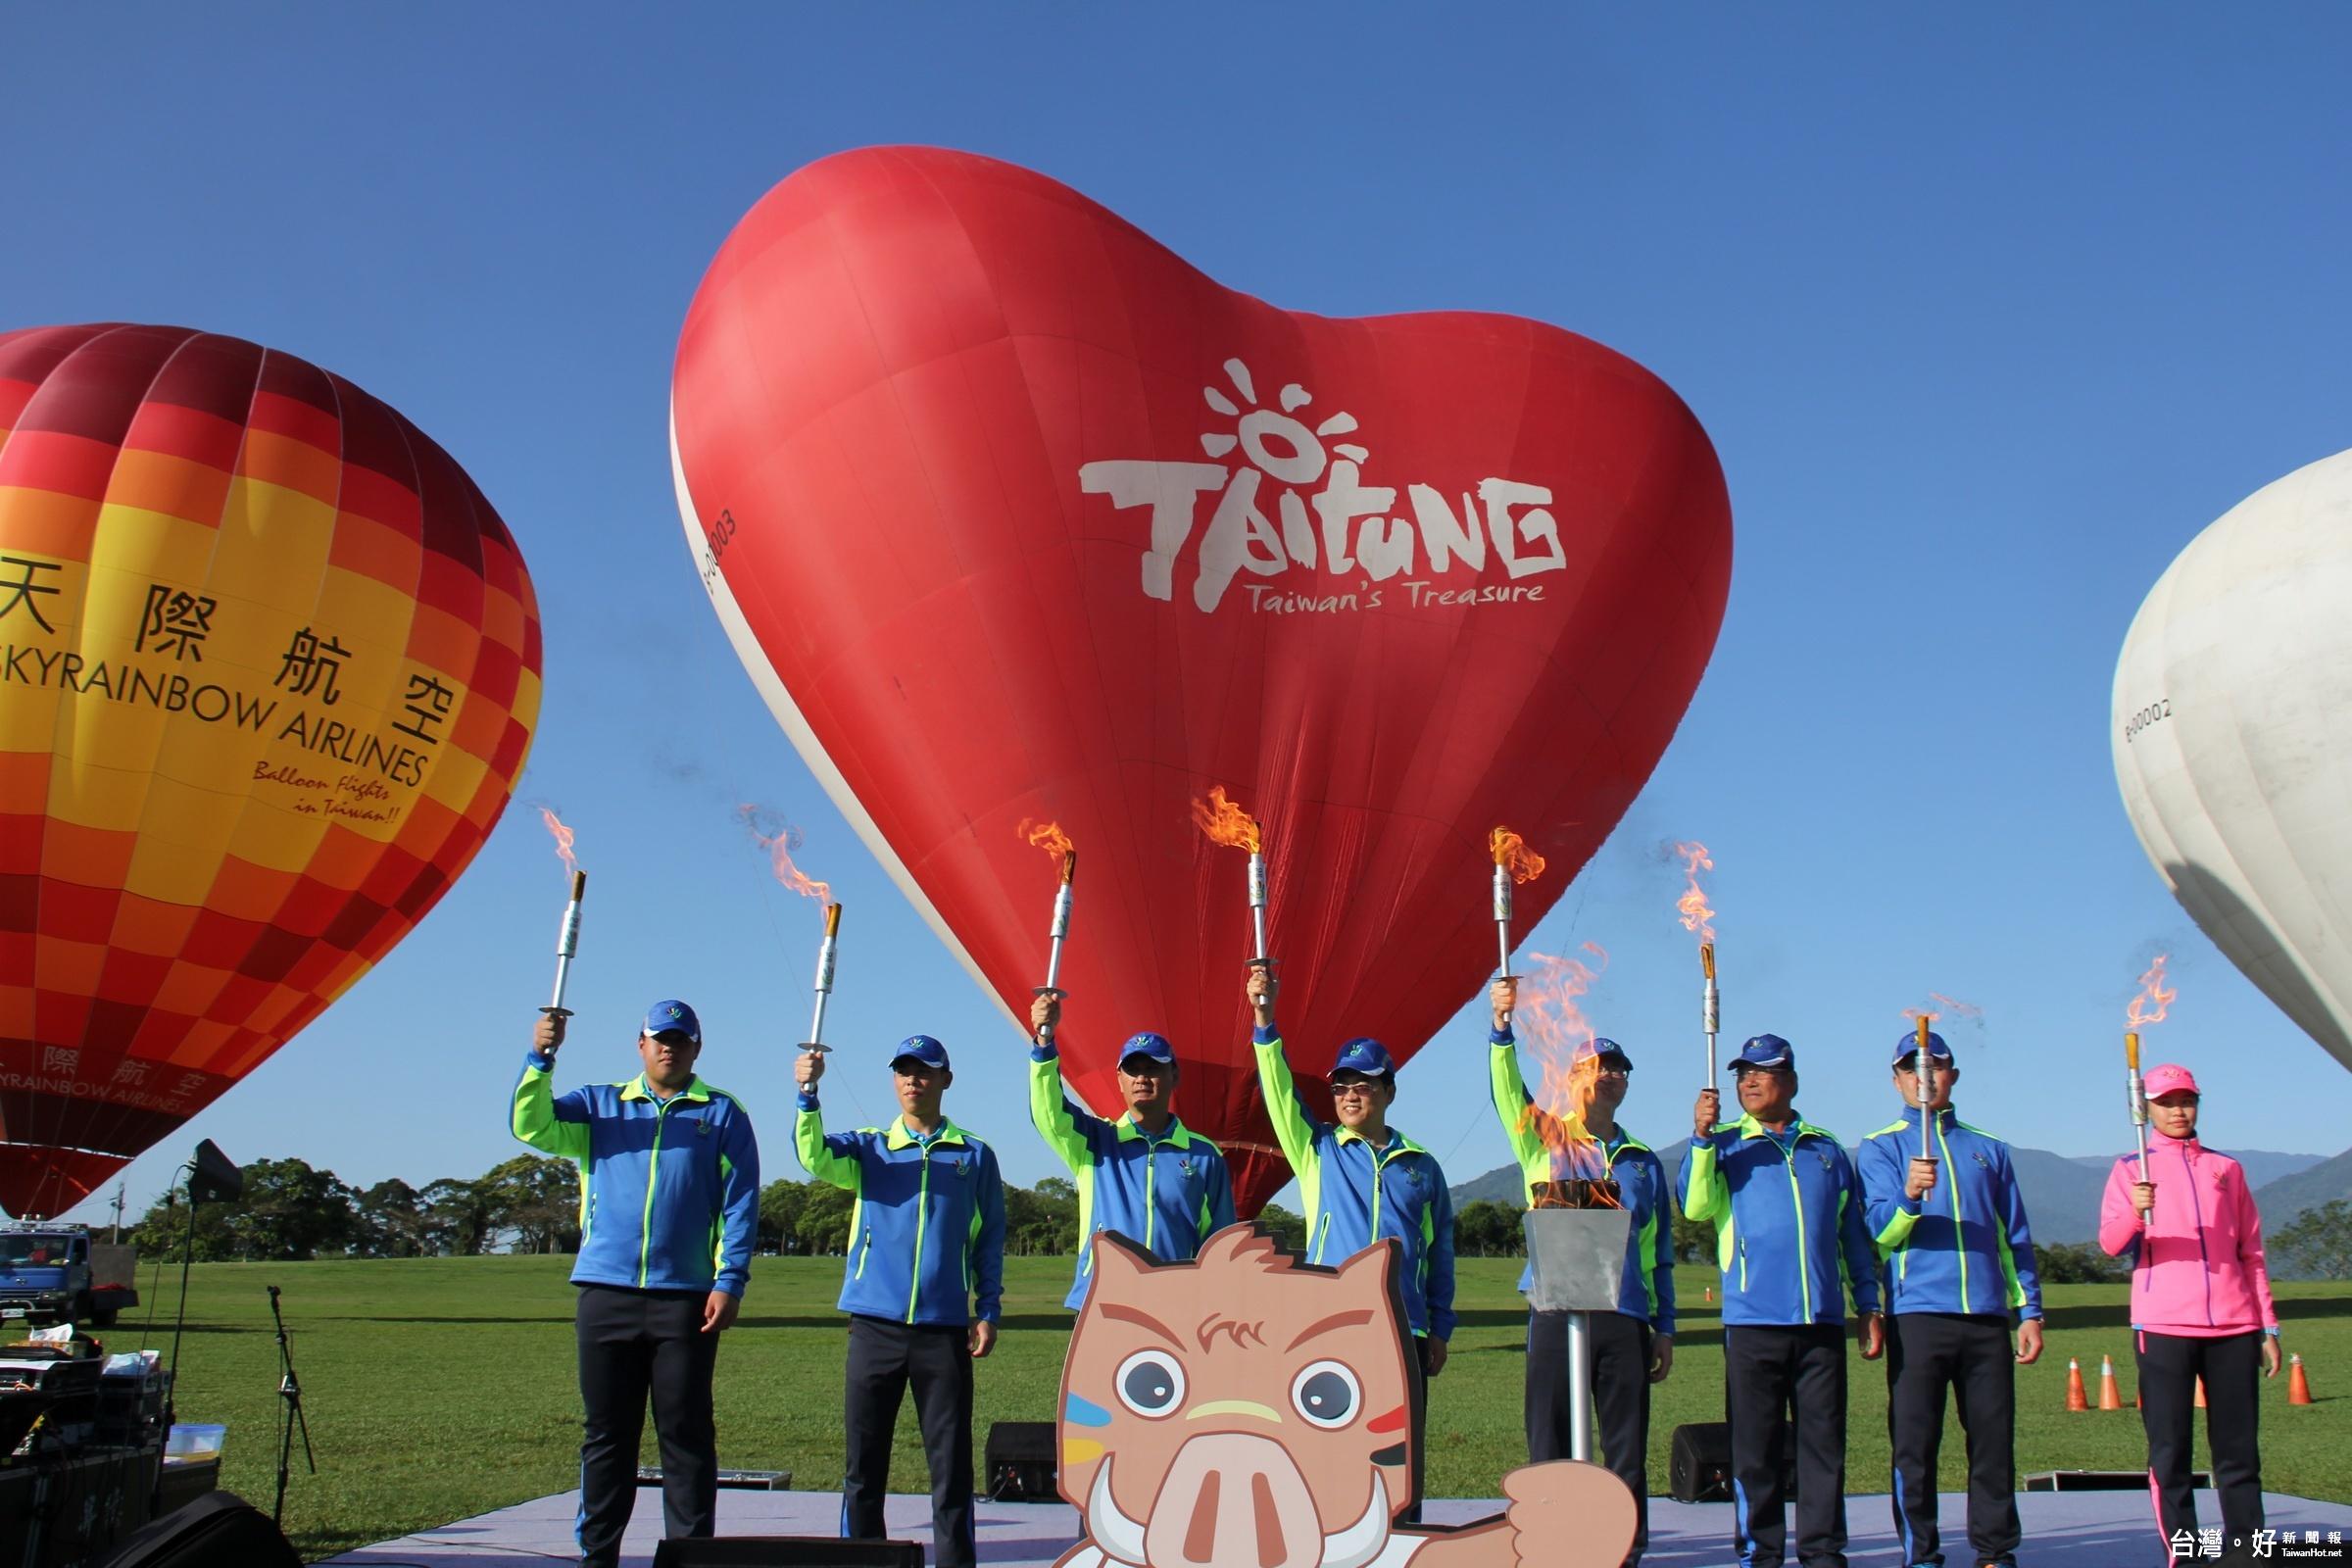 鹿野熱氣球引燃聖火 宣告全中運將開跑